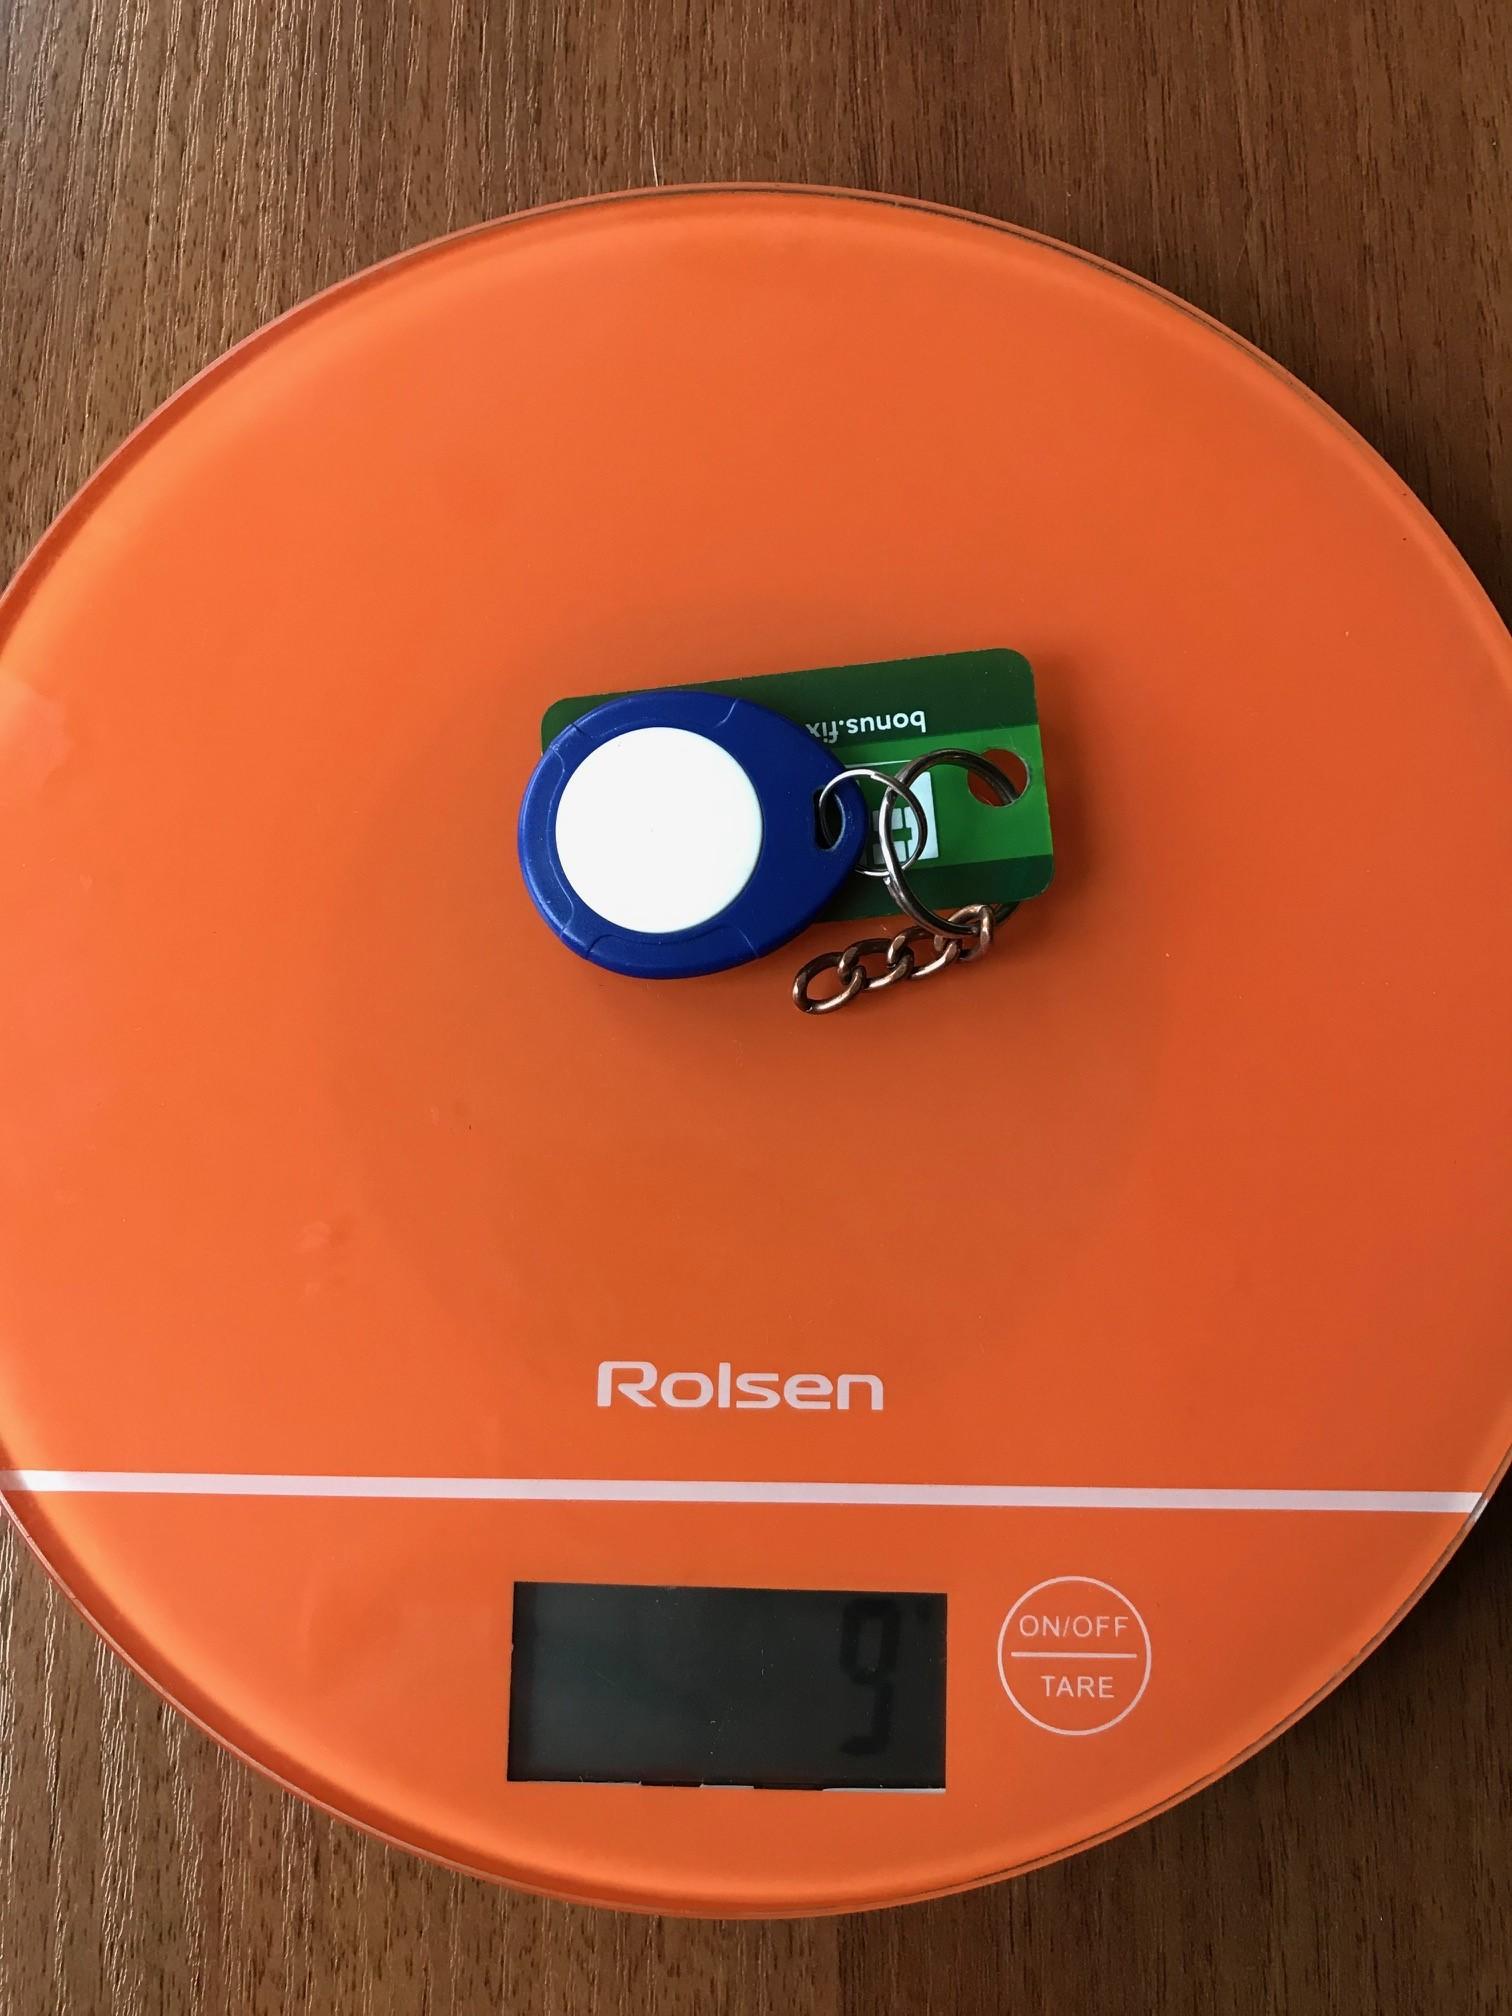 вес ключа-таблетки от домофона